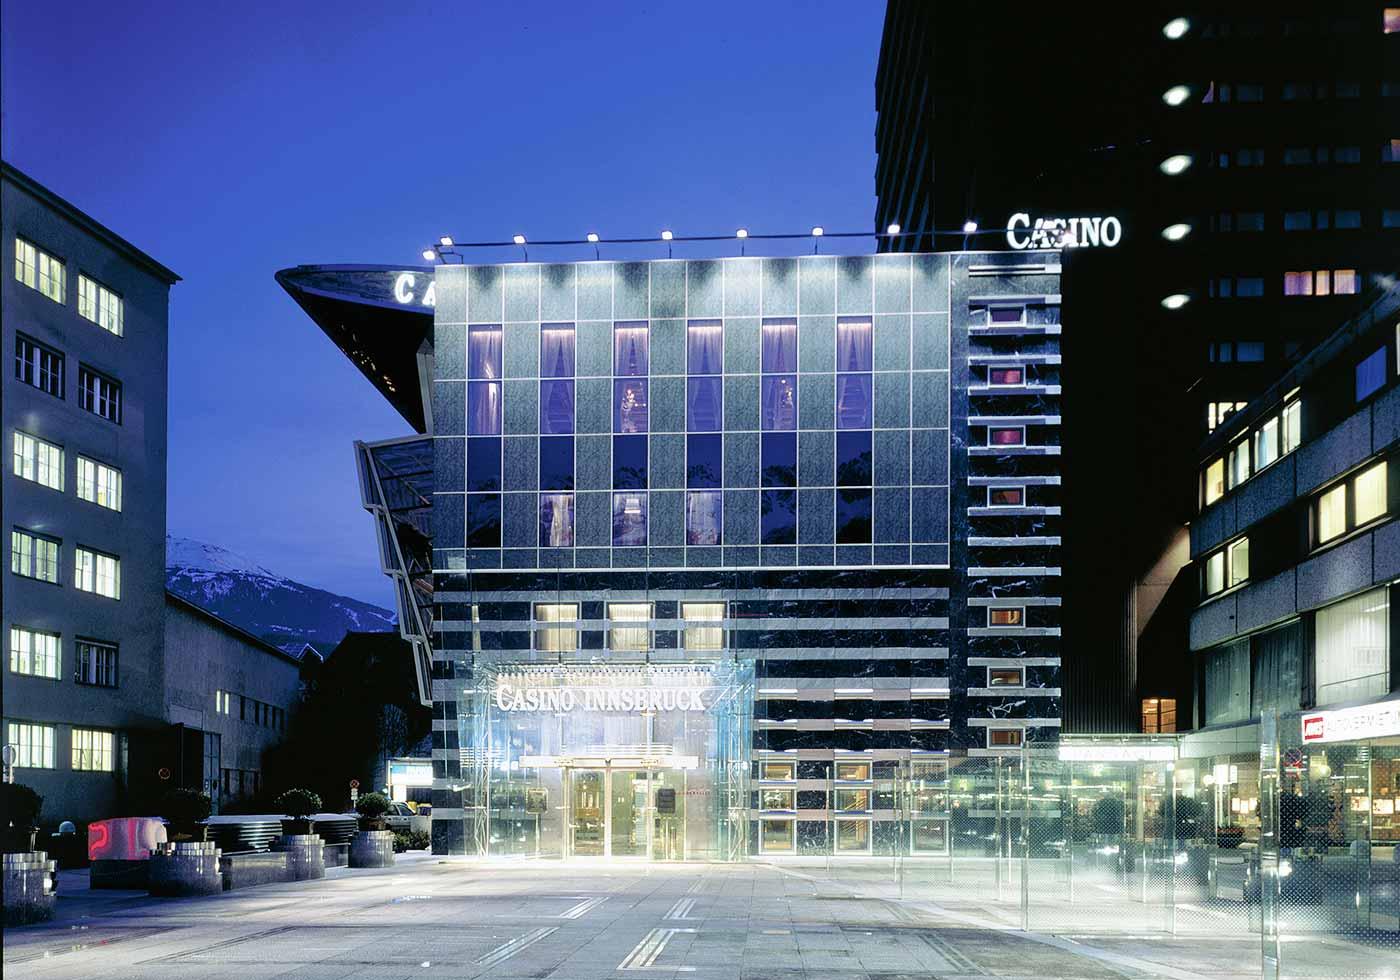 Casino, Innsbruck, AT